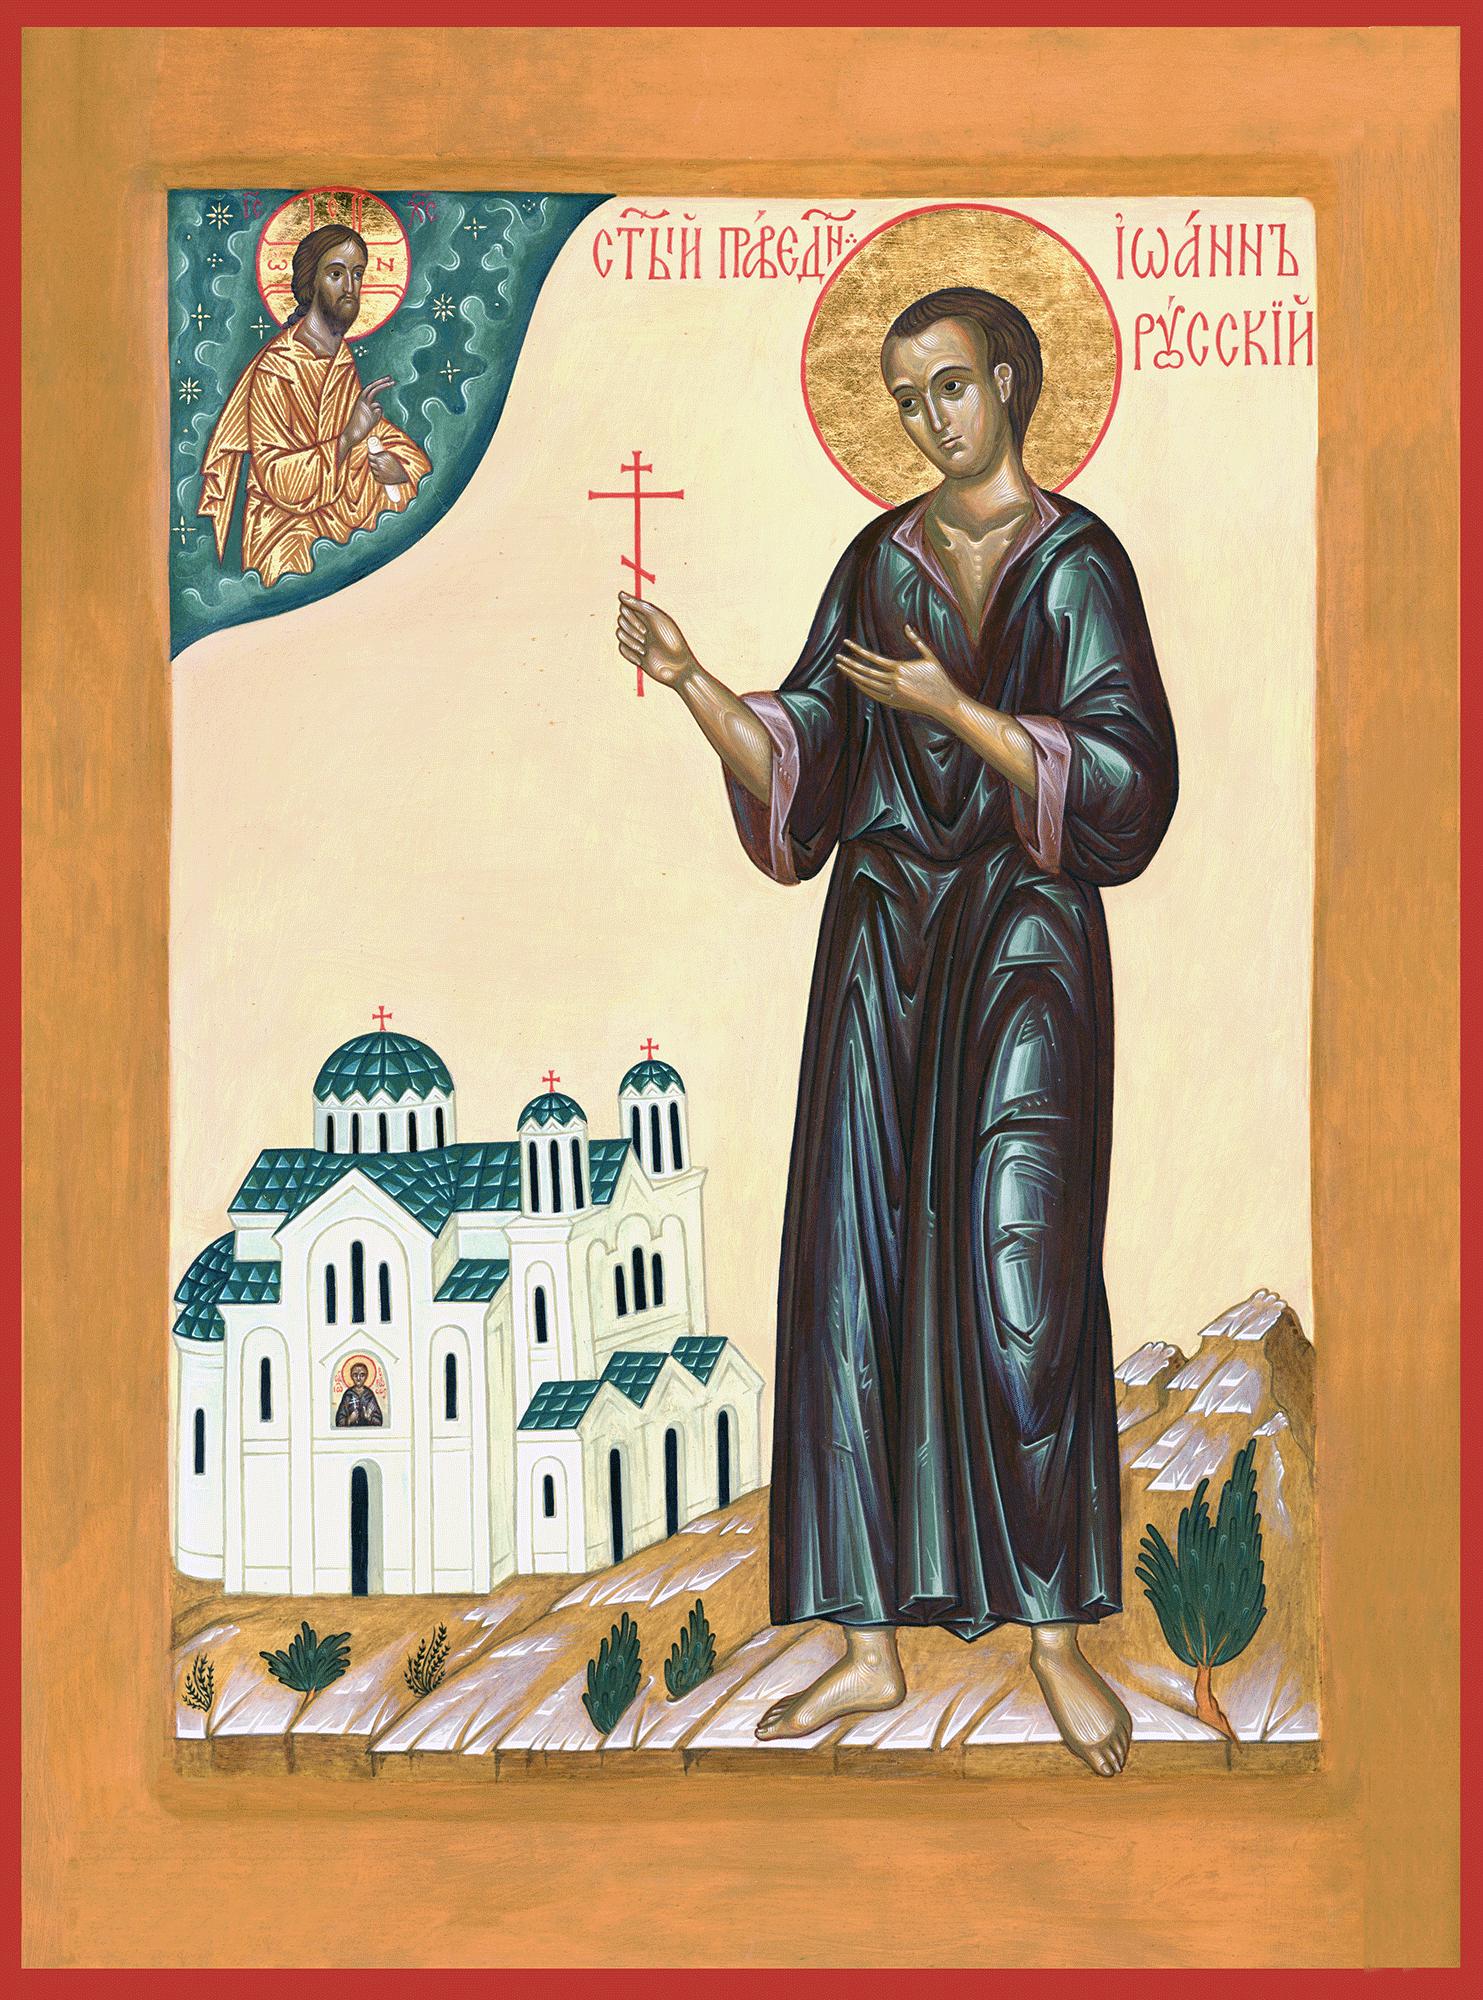 Чудеса святого Иоанна Русского